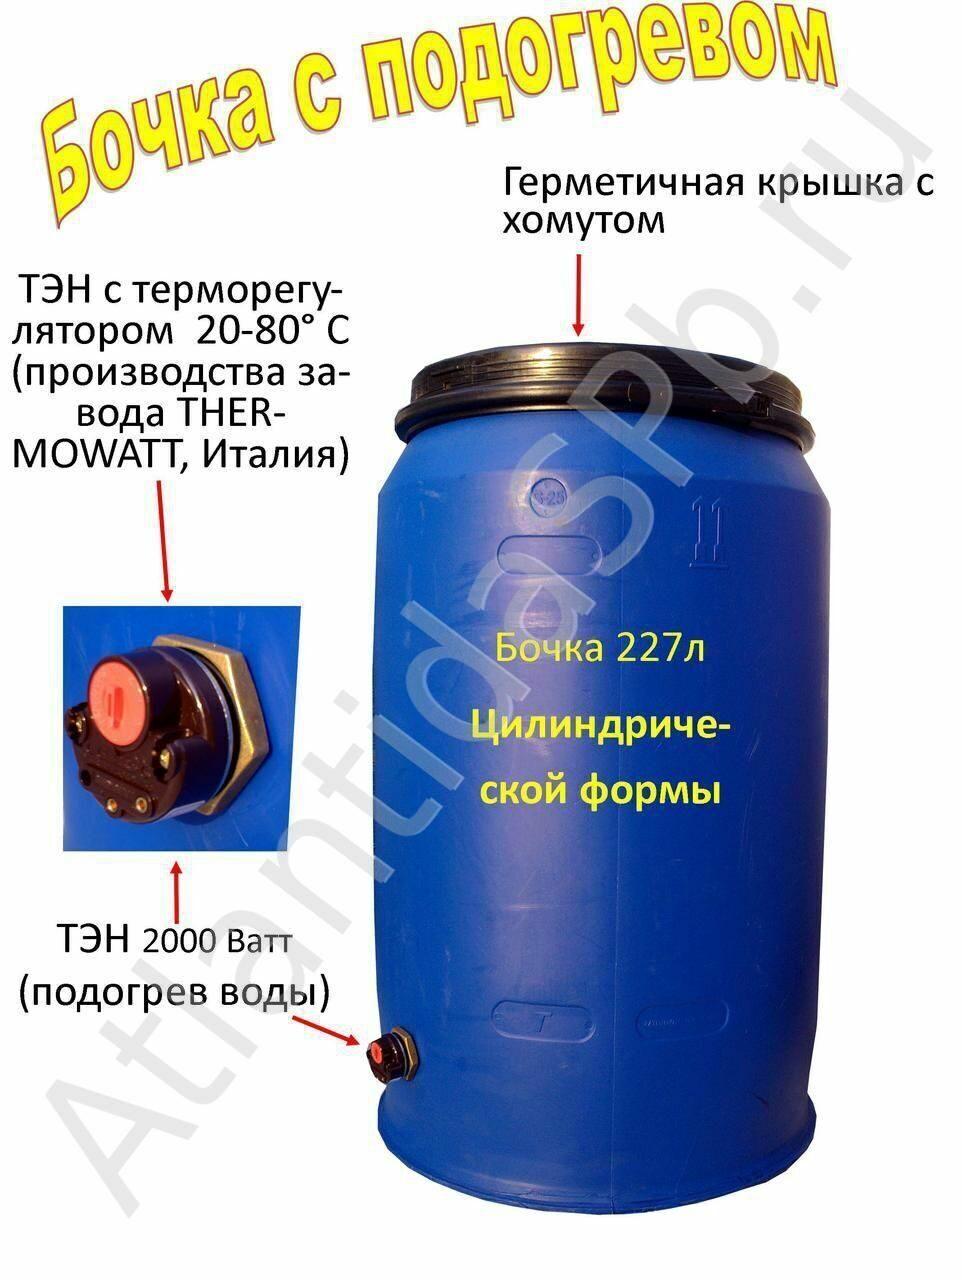 Как сделать, чтобы вода в бочке для летнего душа с теном 30